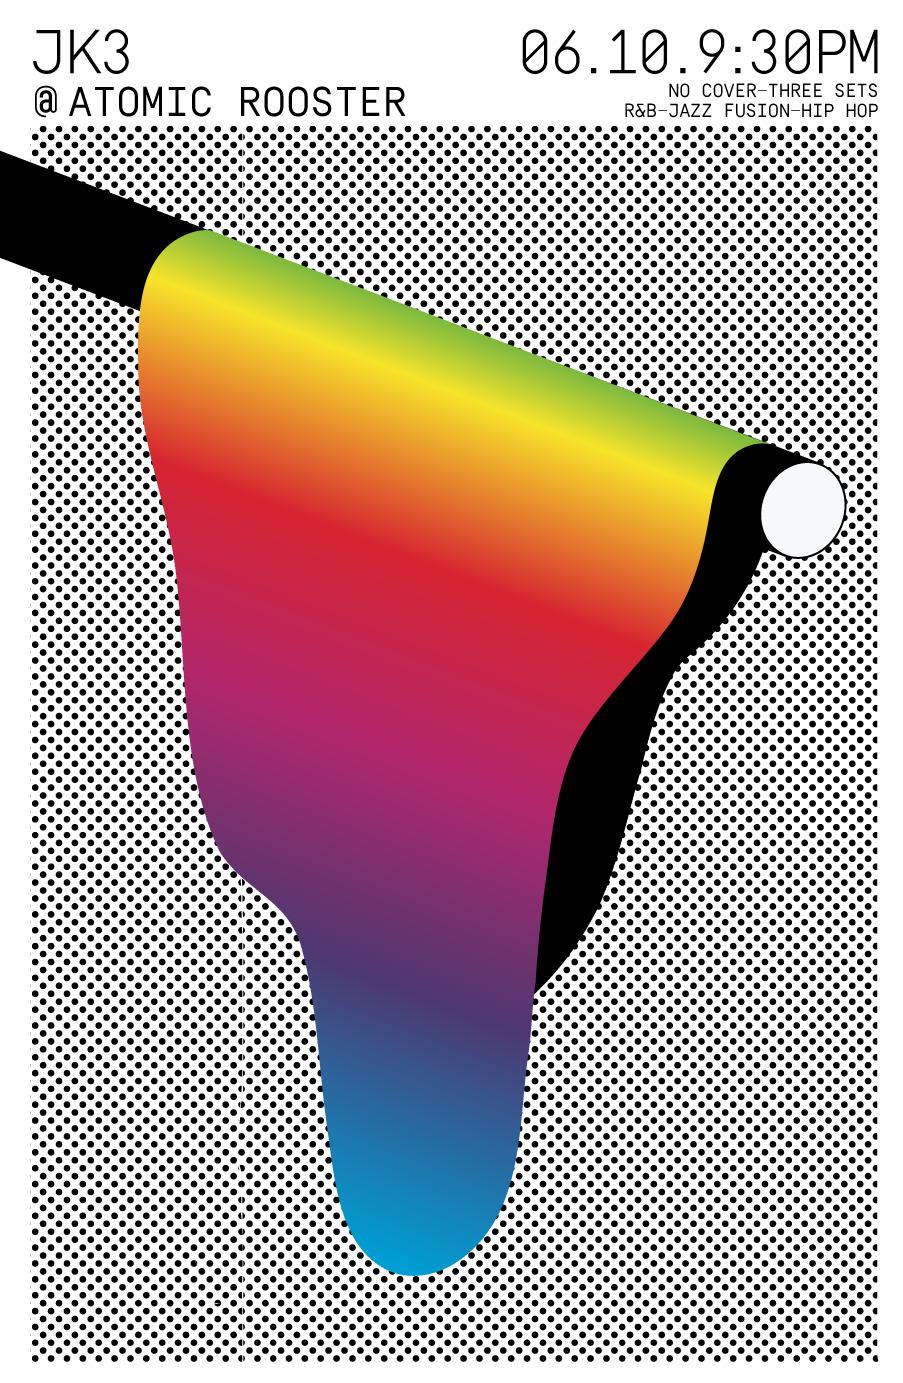 JK3-April-10-2017-poster-daniel-moisan.png